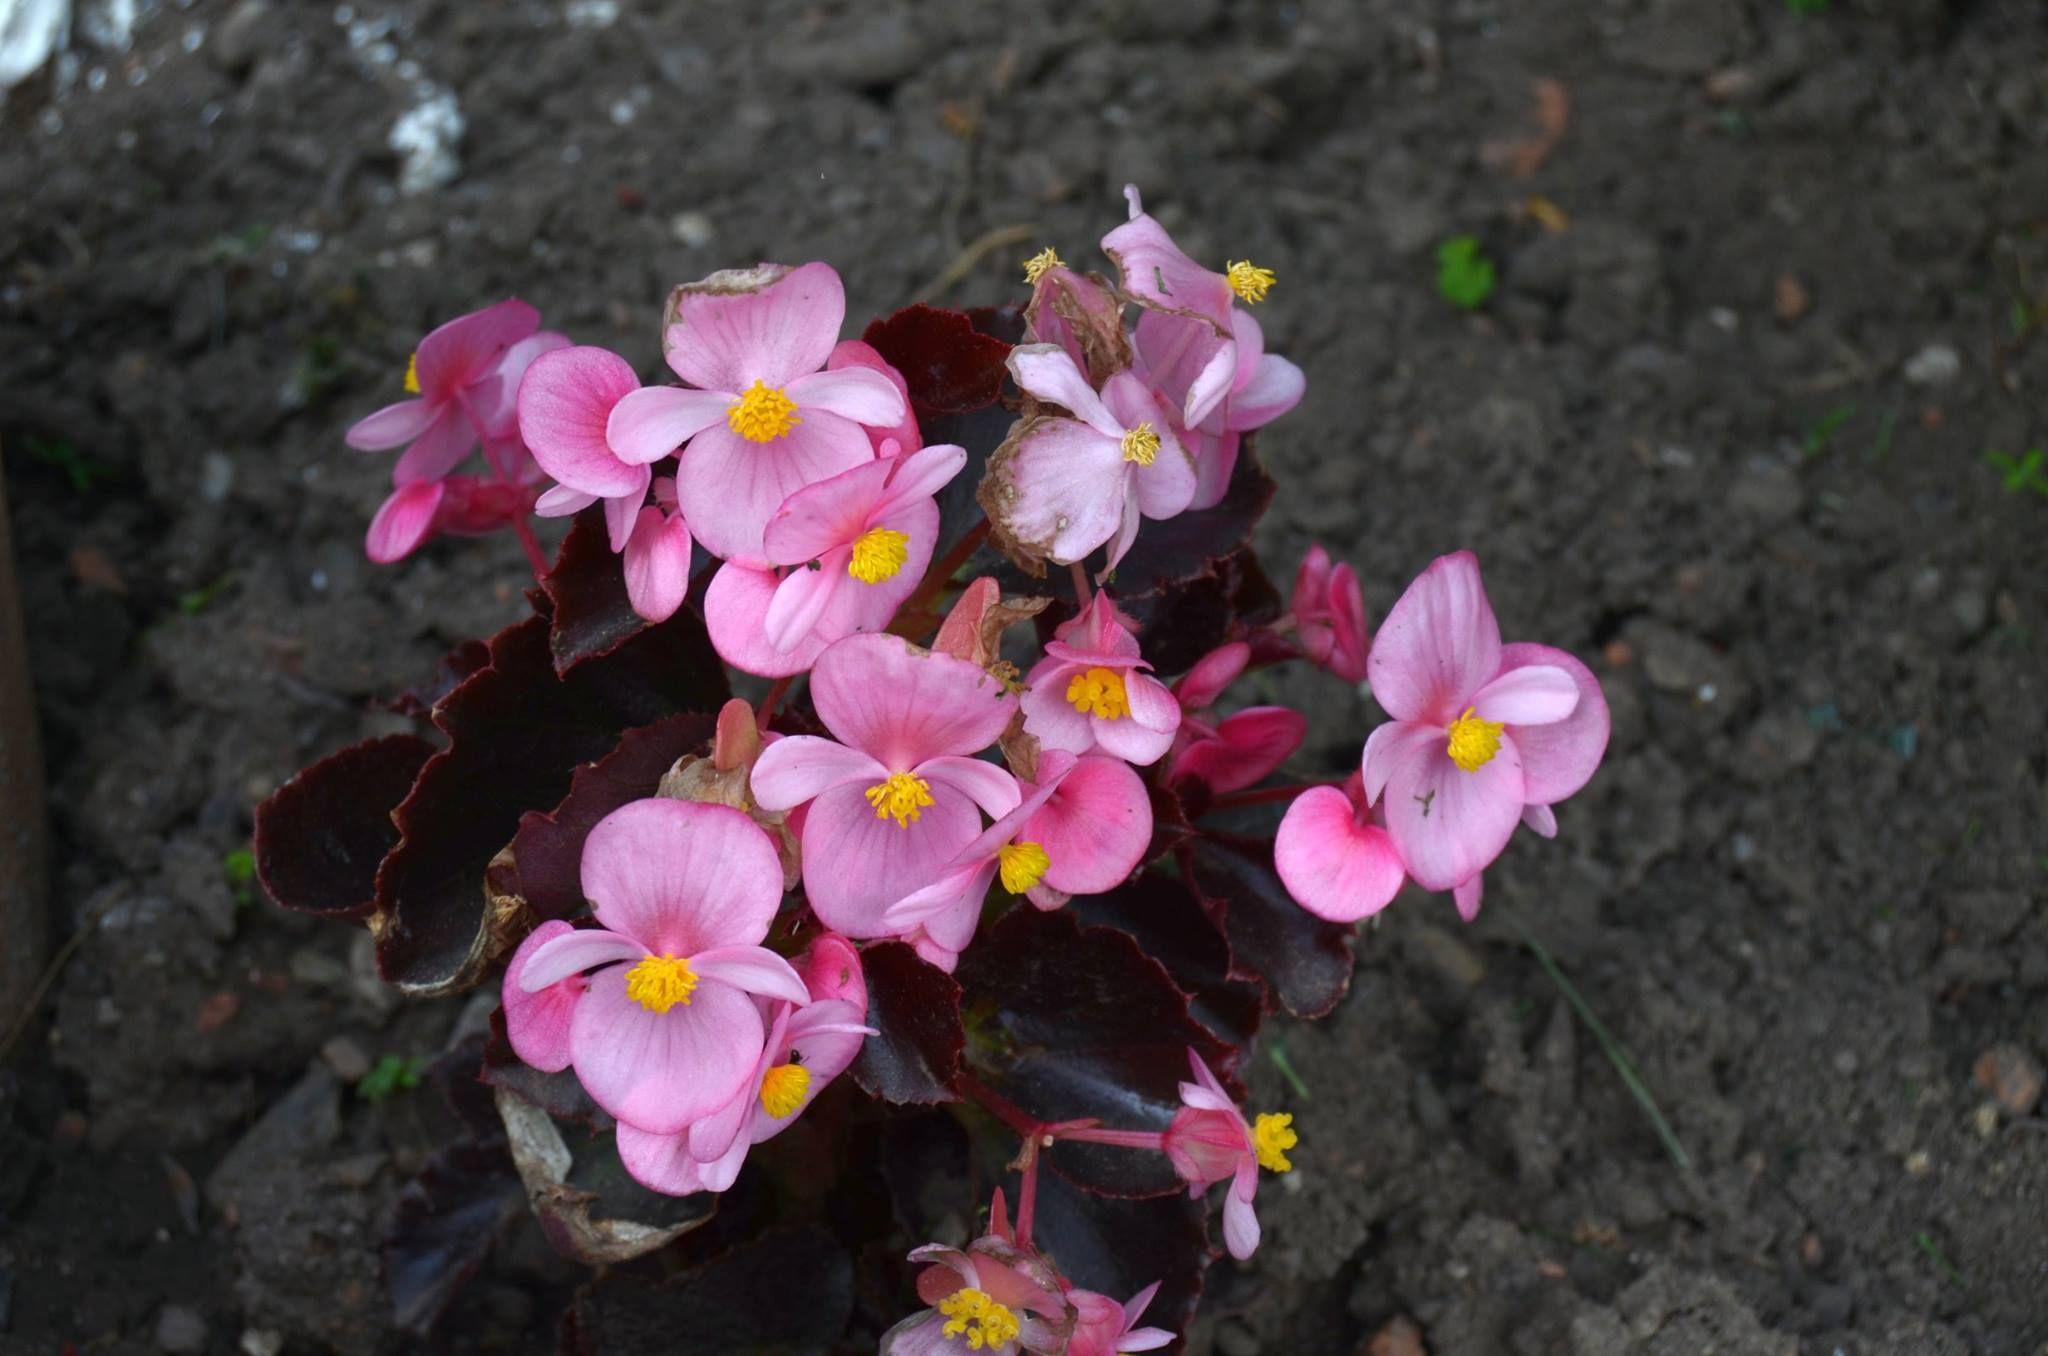 Halálfejű kerti virágok